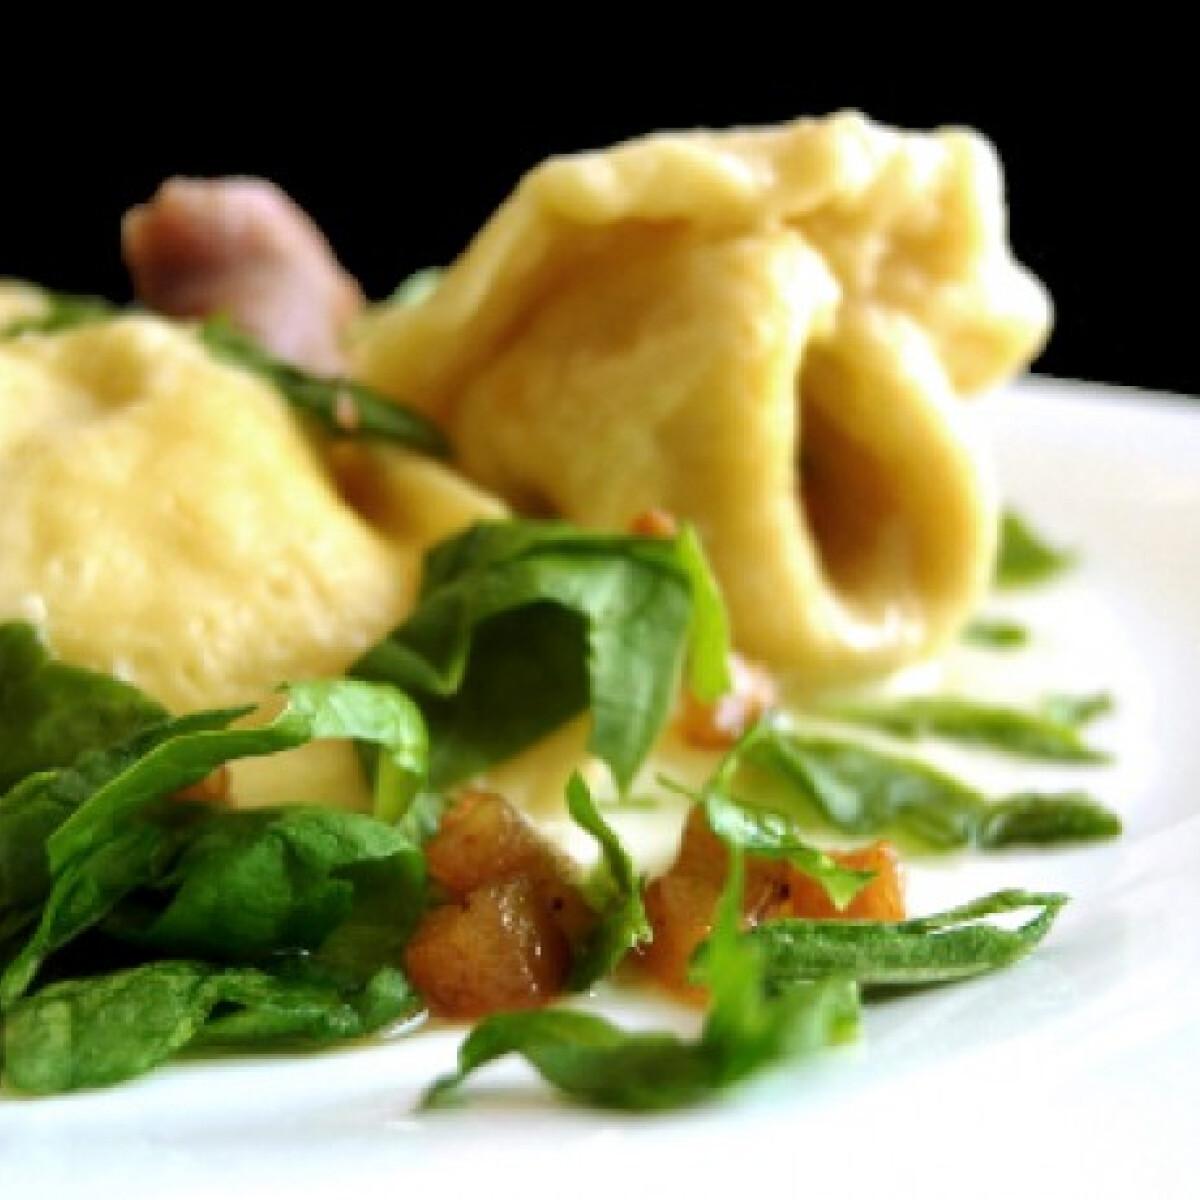 Ezen a képen: Fokhagymás-vajas tortellini csirkével töltve